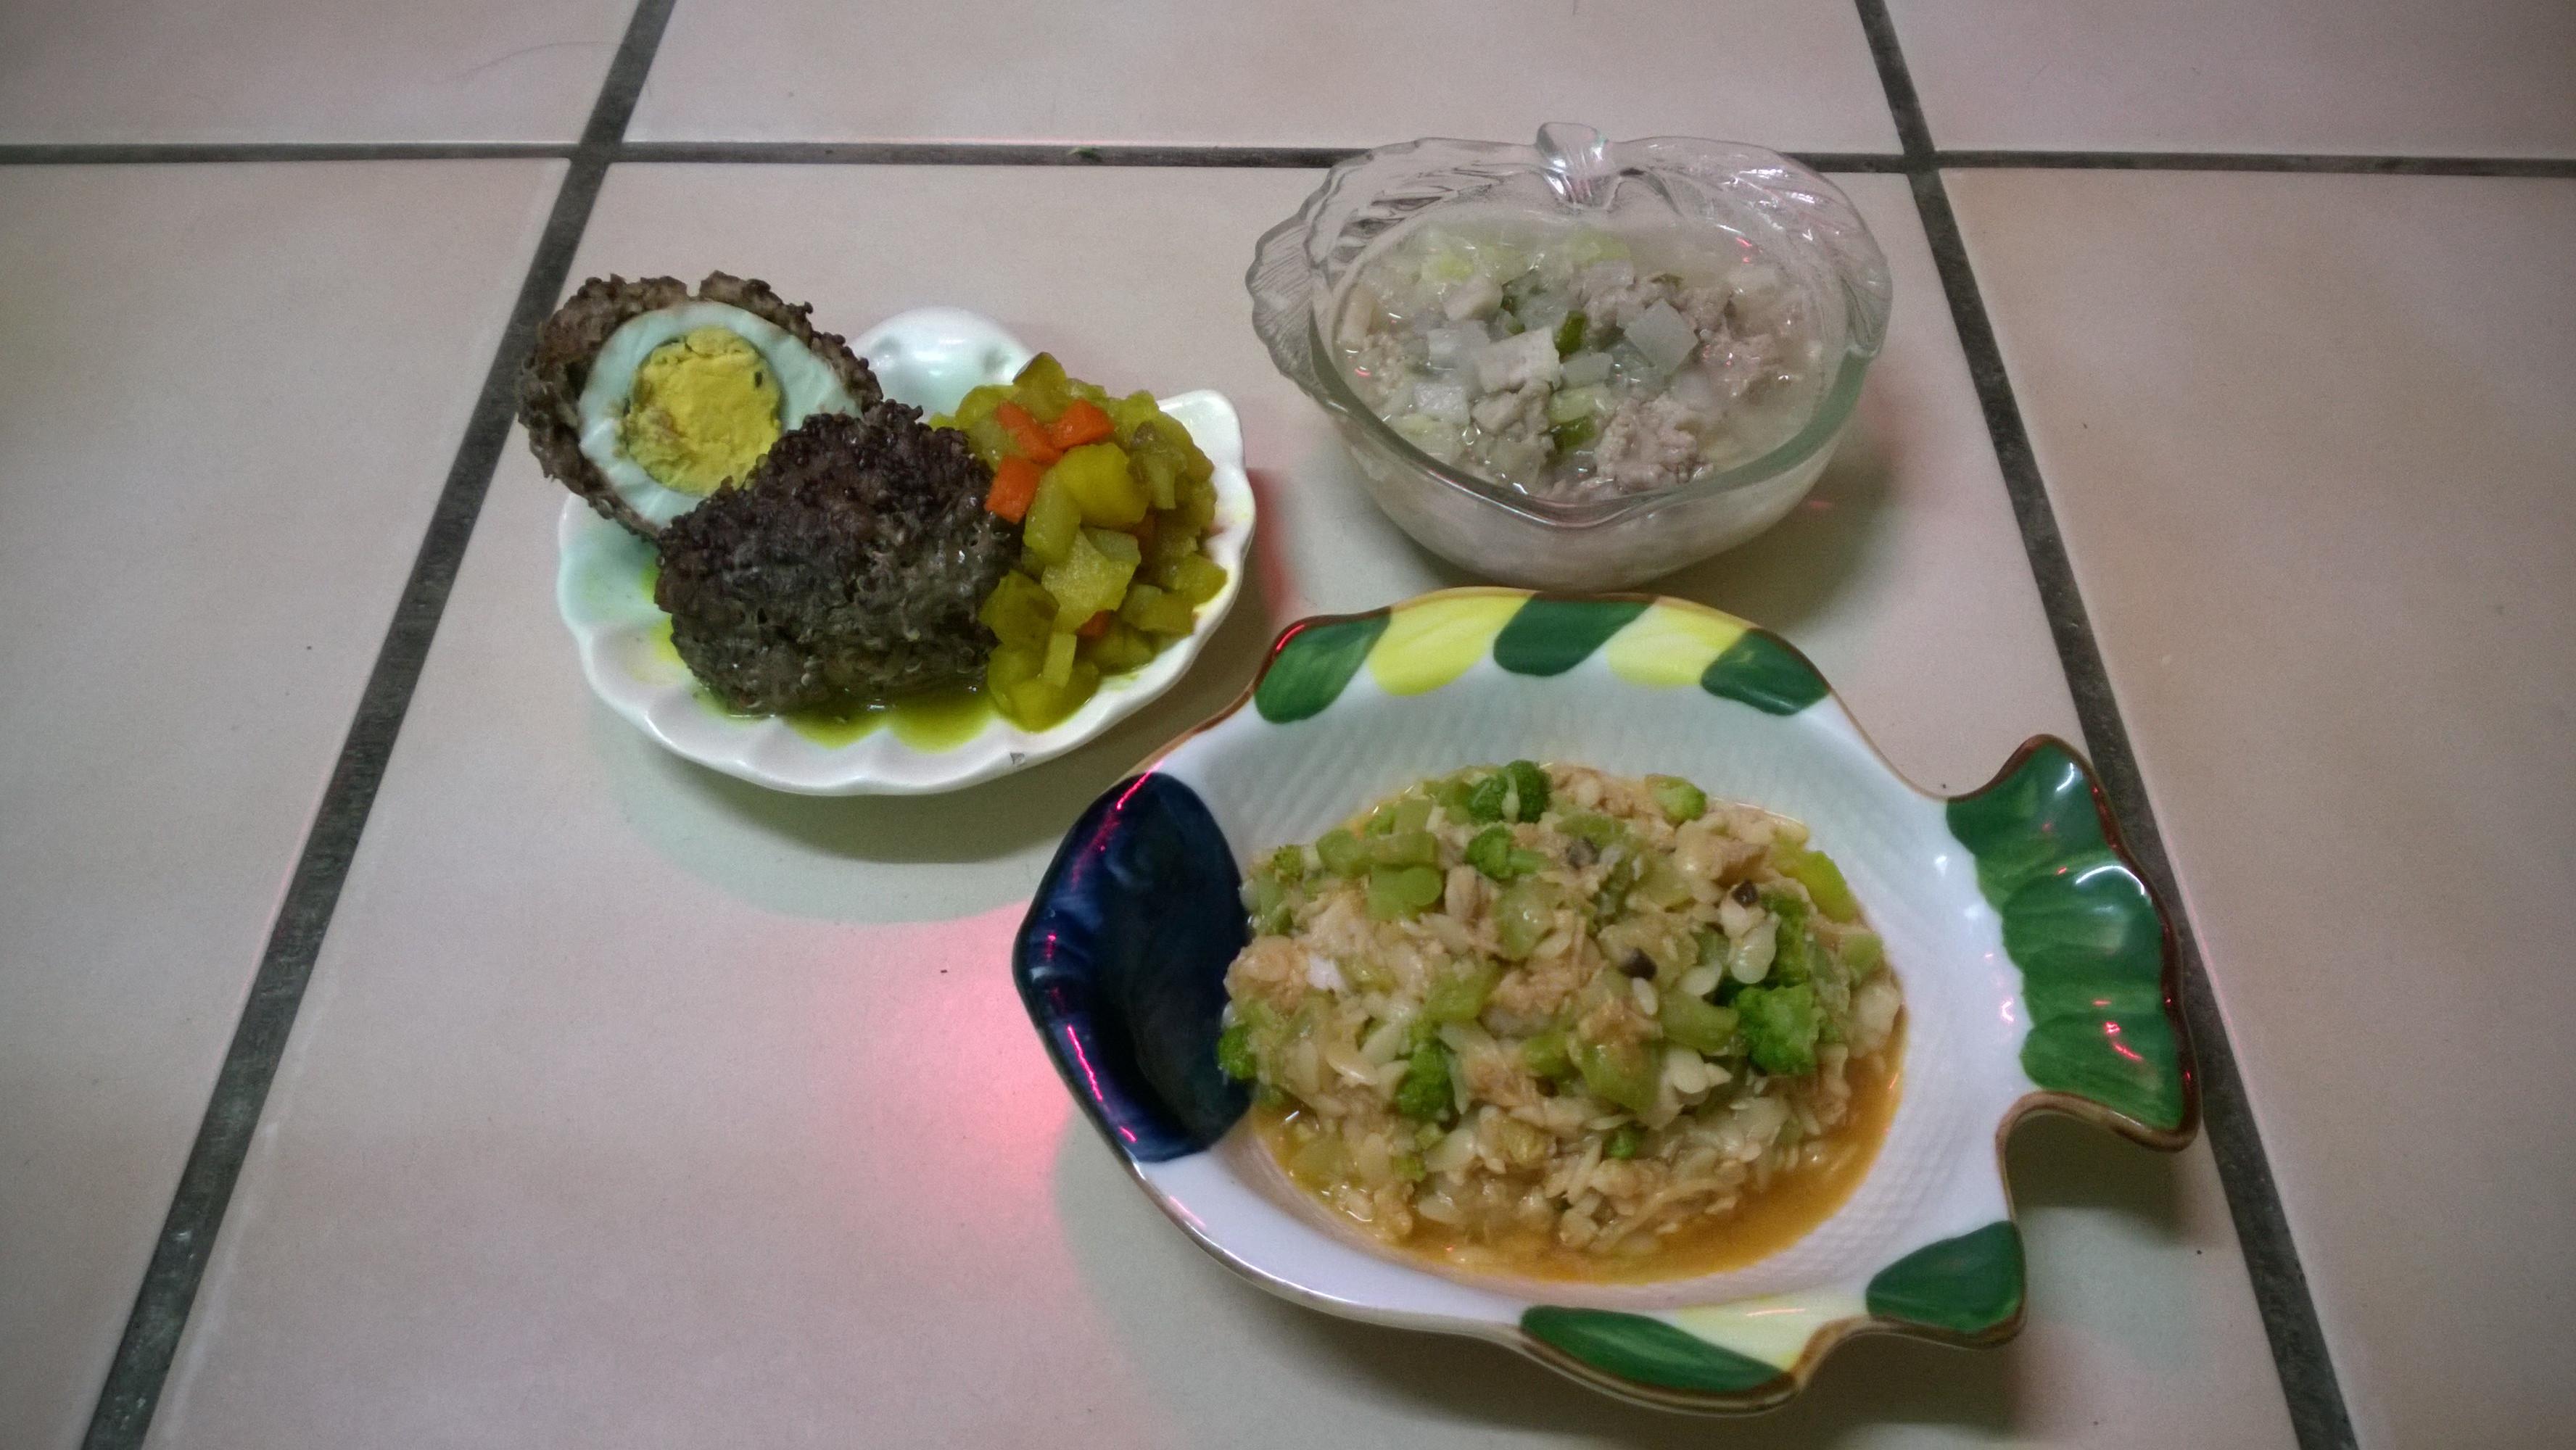 鮮食🐾蘇格蘭蛋 納豆蔬菜湯 茄汁絲瓜麵